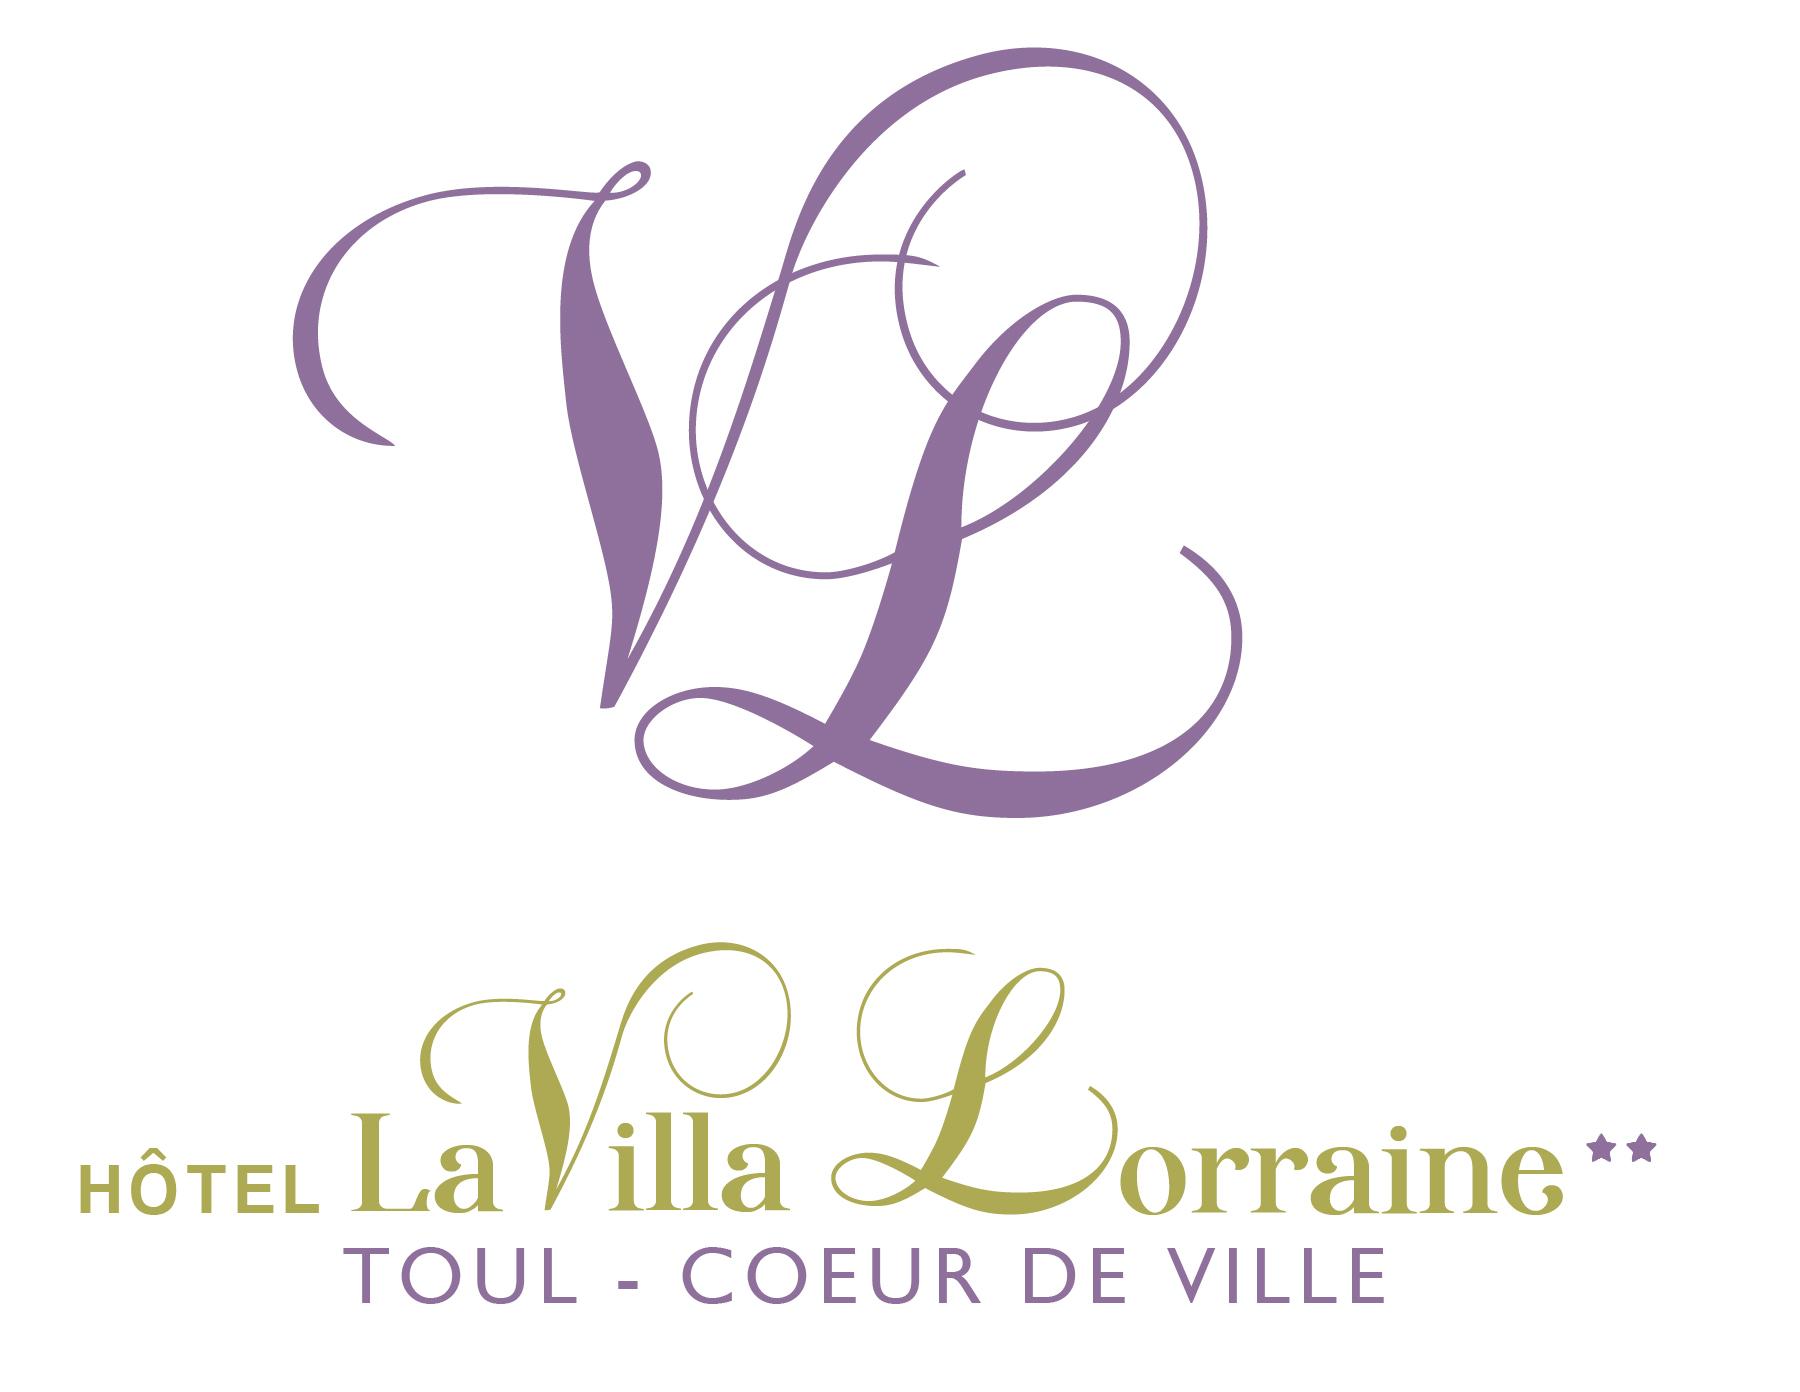 Hôtel La Villa Lorraine